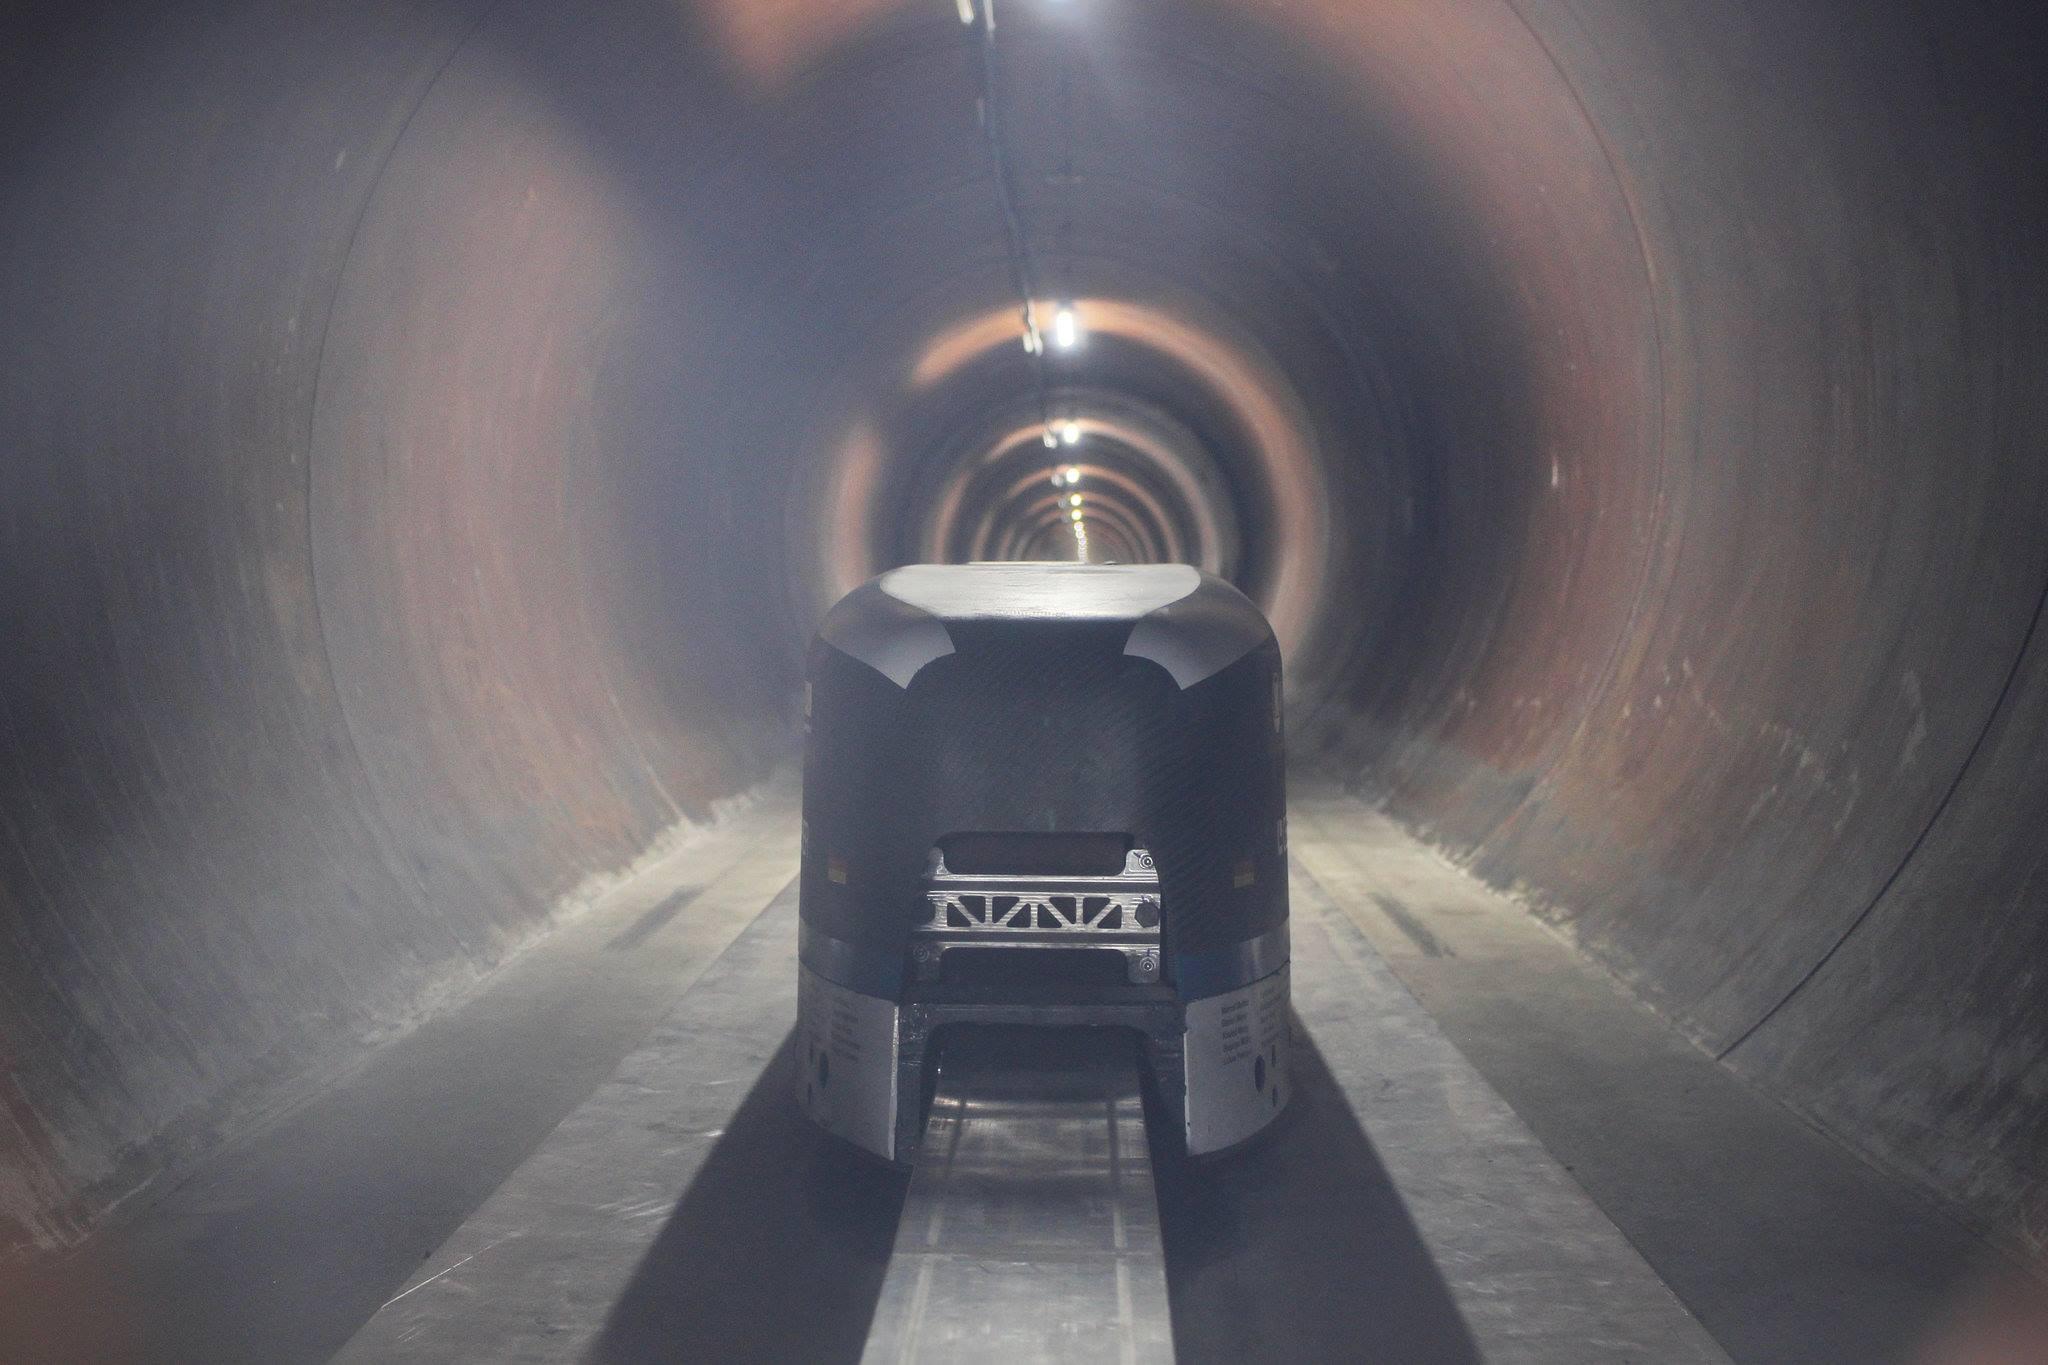 WARR Hyperloop pod inside the test tunnel